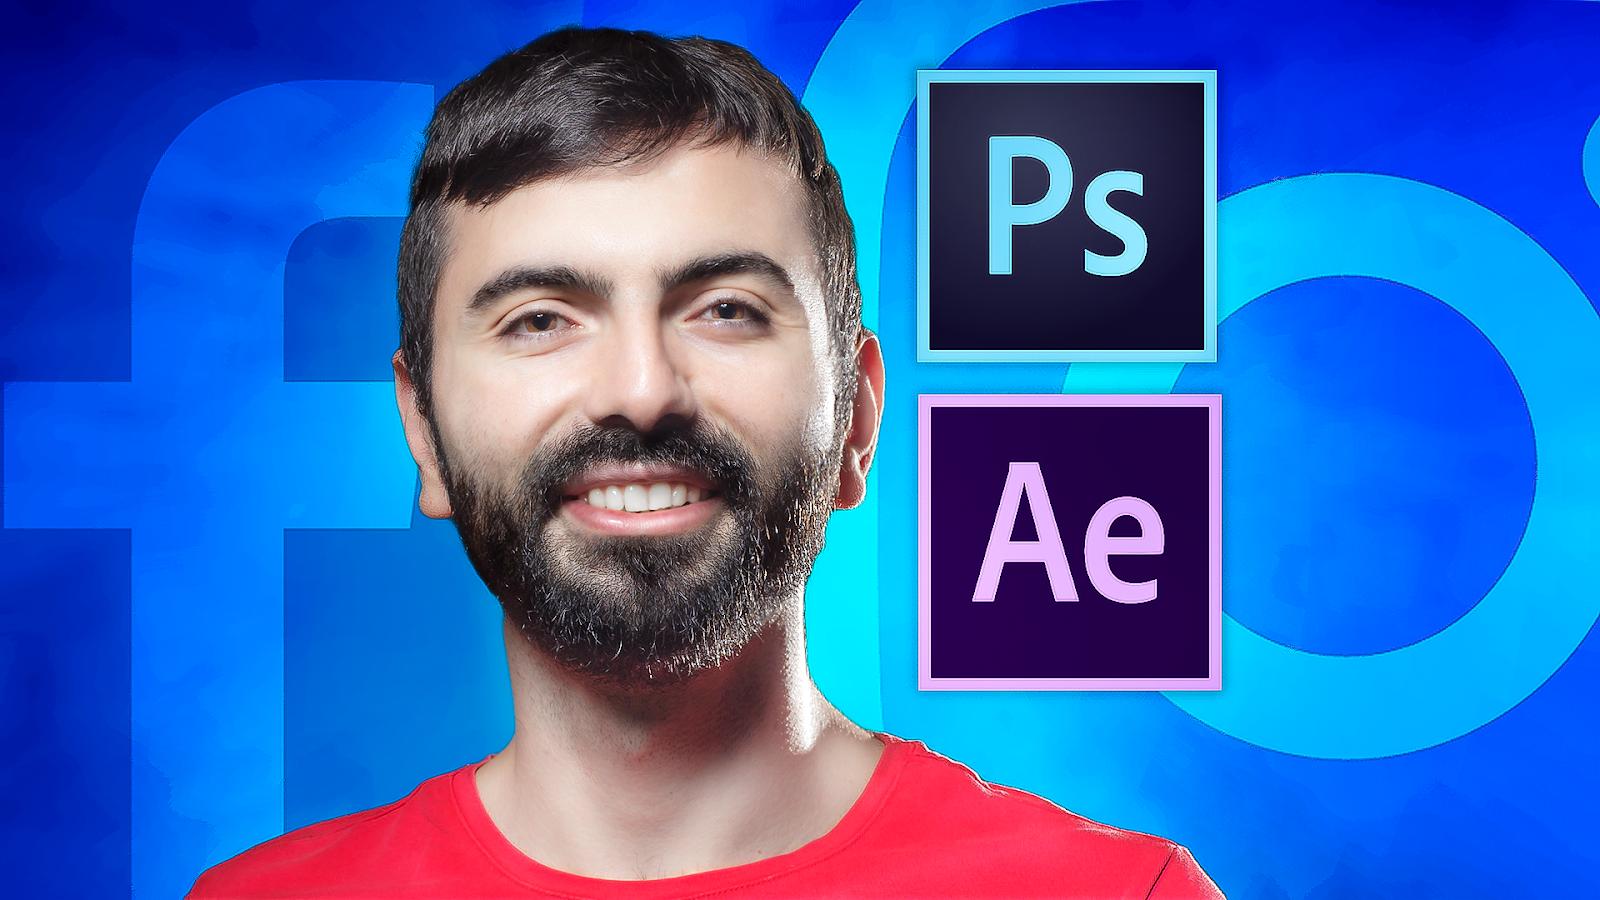 Reklam ve Dijital Pazarlama için Tasarım ve Animasyon Kursu